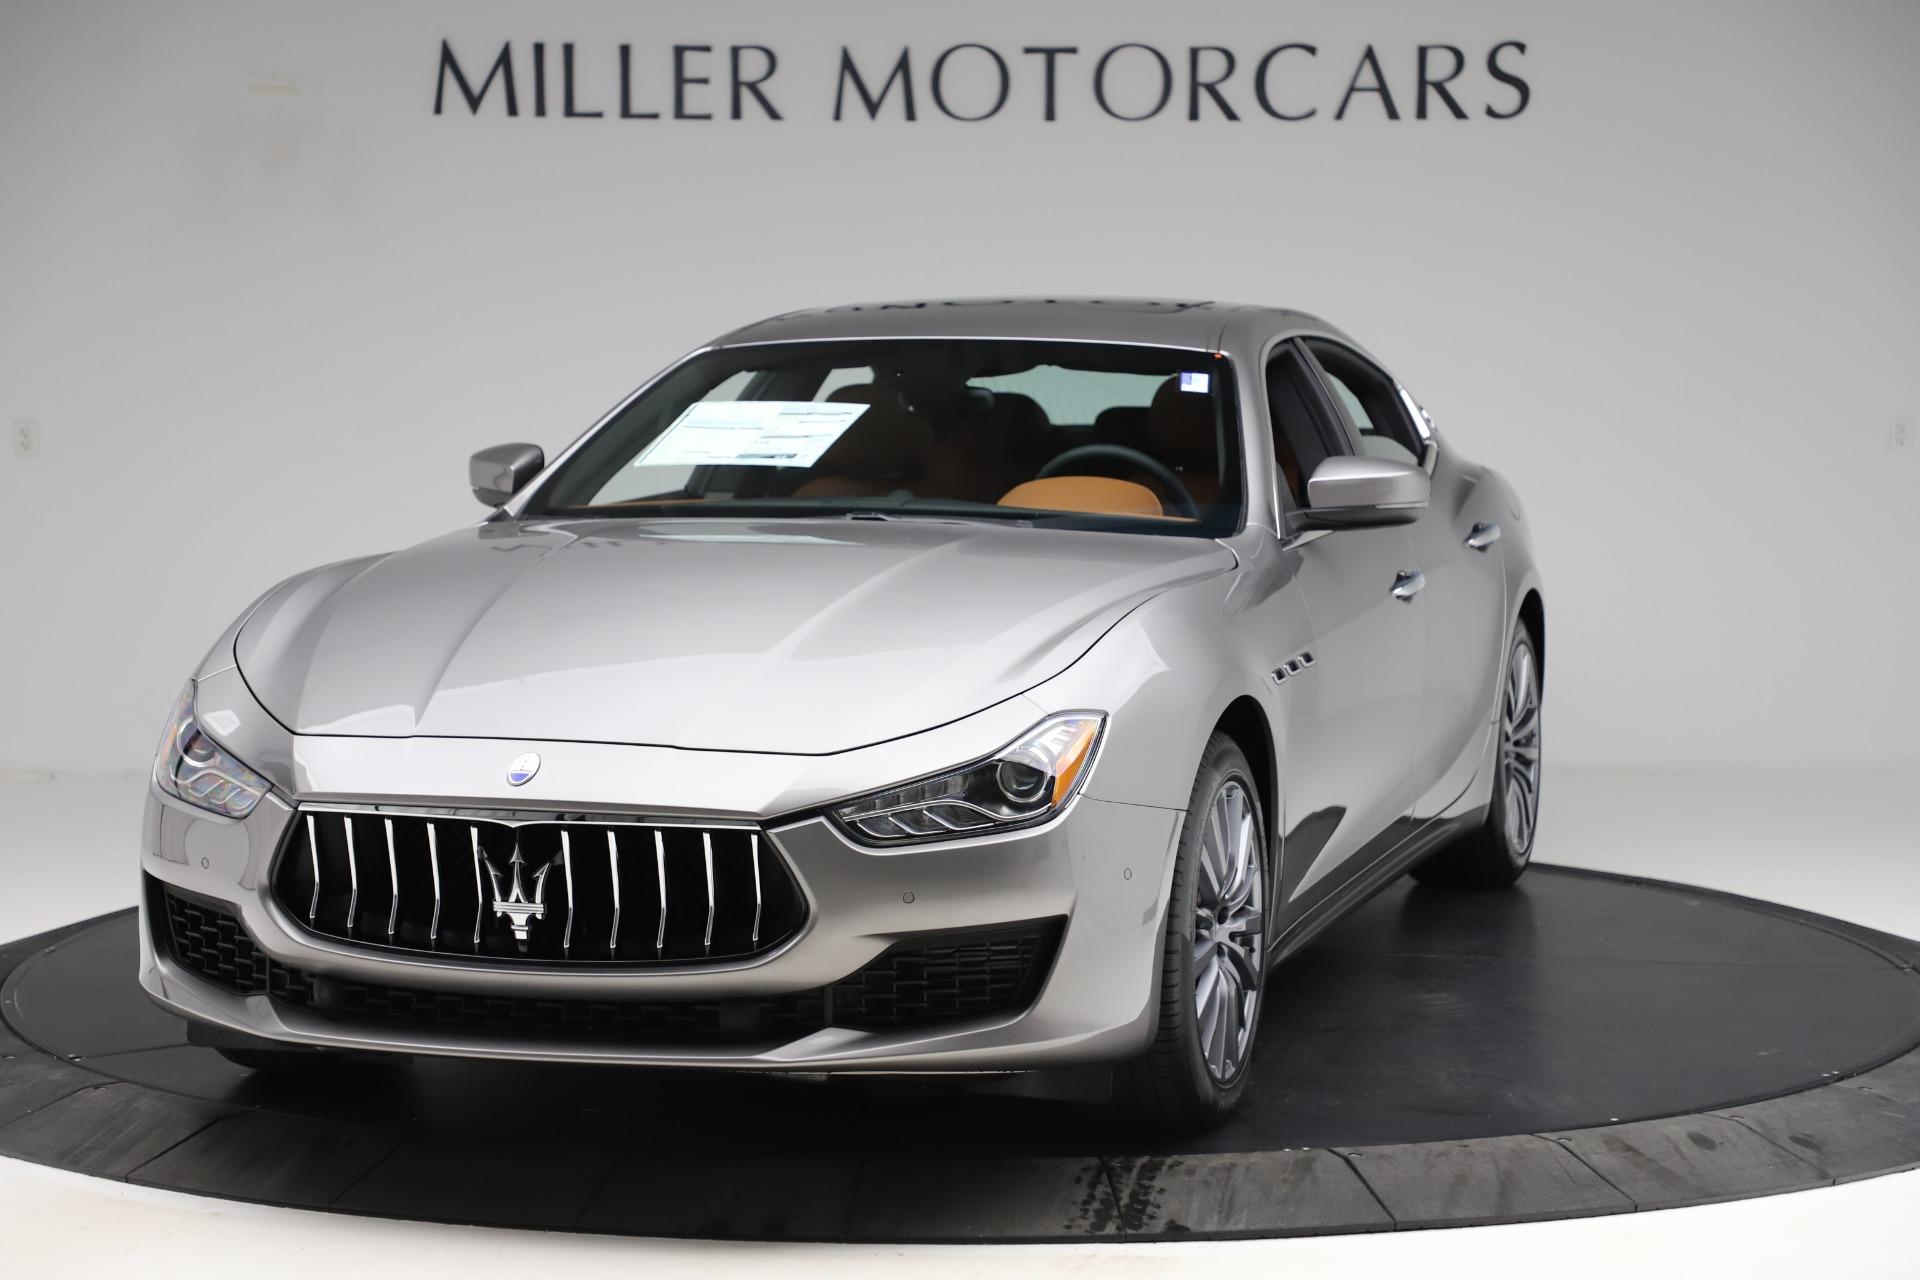 New 2020 Maserati Ghibli S Q4 for sale $79,985 at Maserati of Westport in Westport CT 06880 1